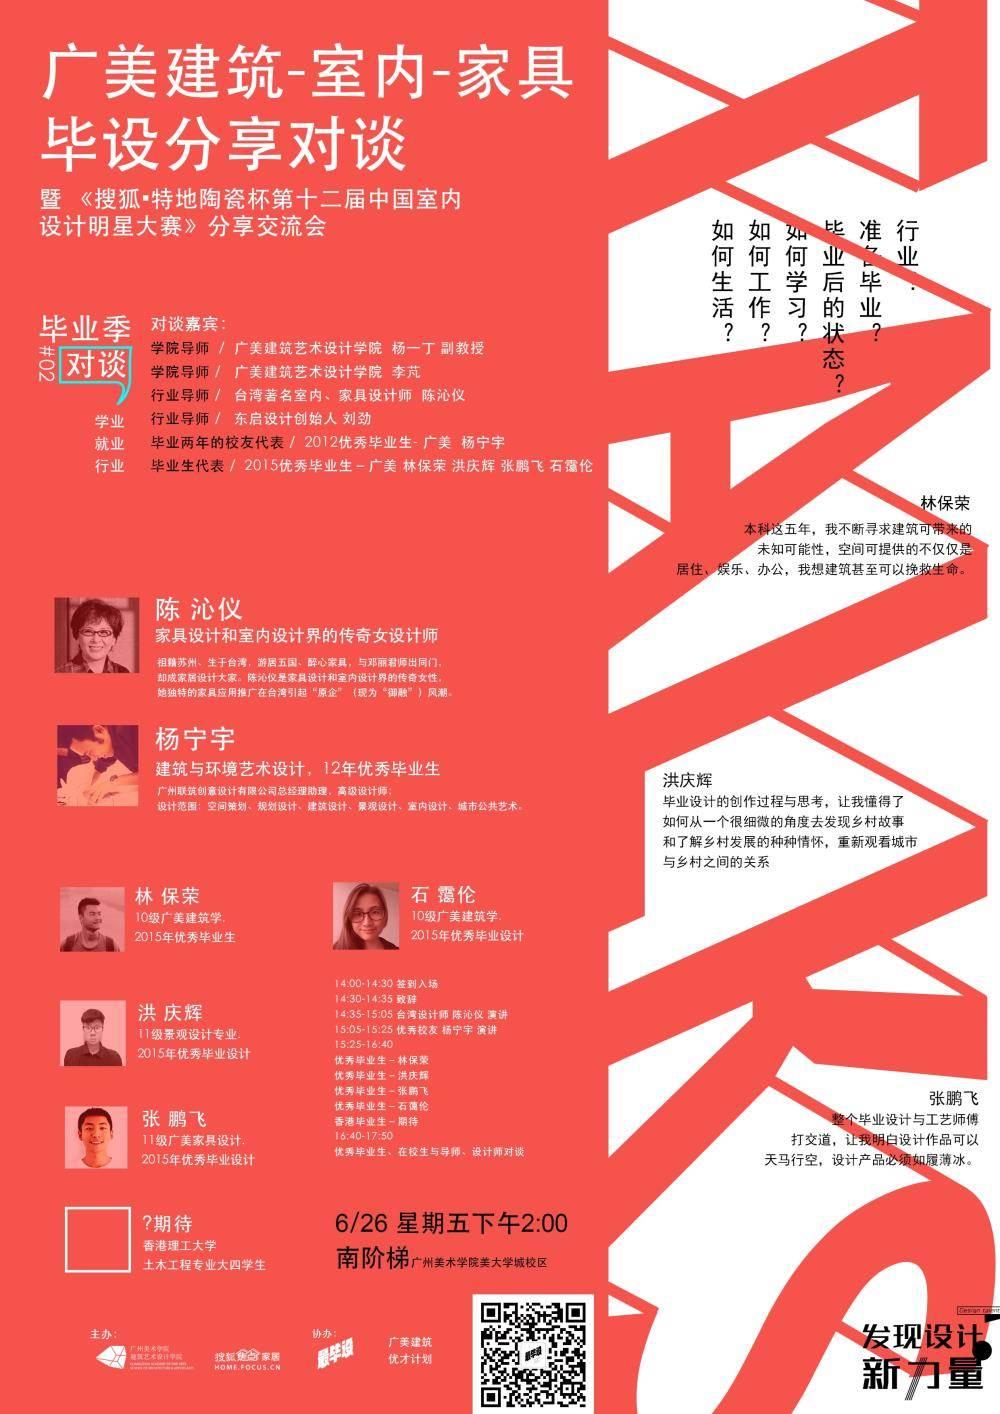 广美建筑艺术设计学院  李芃  行业导师 /  台湾著名室内,家具设计师